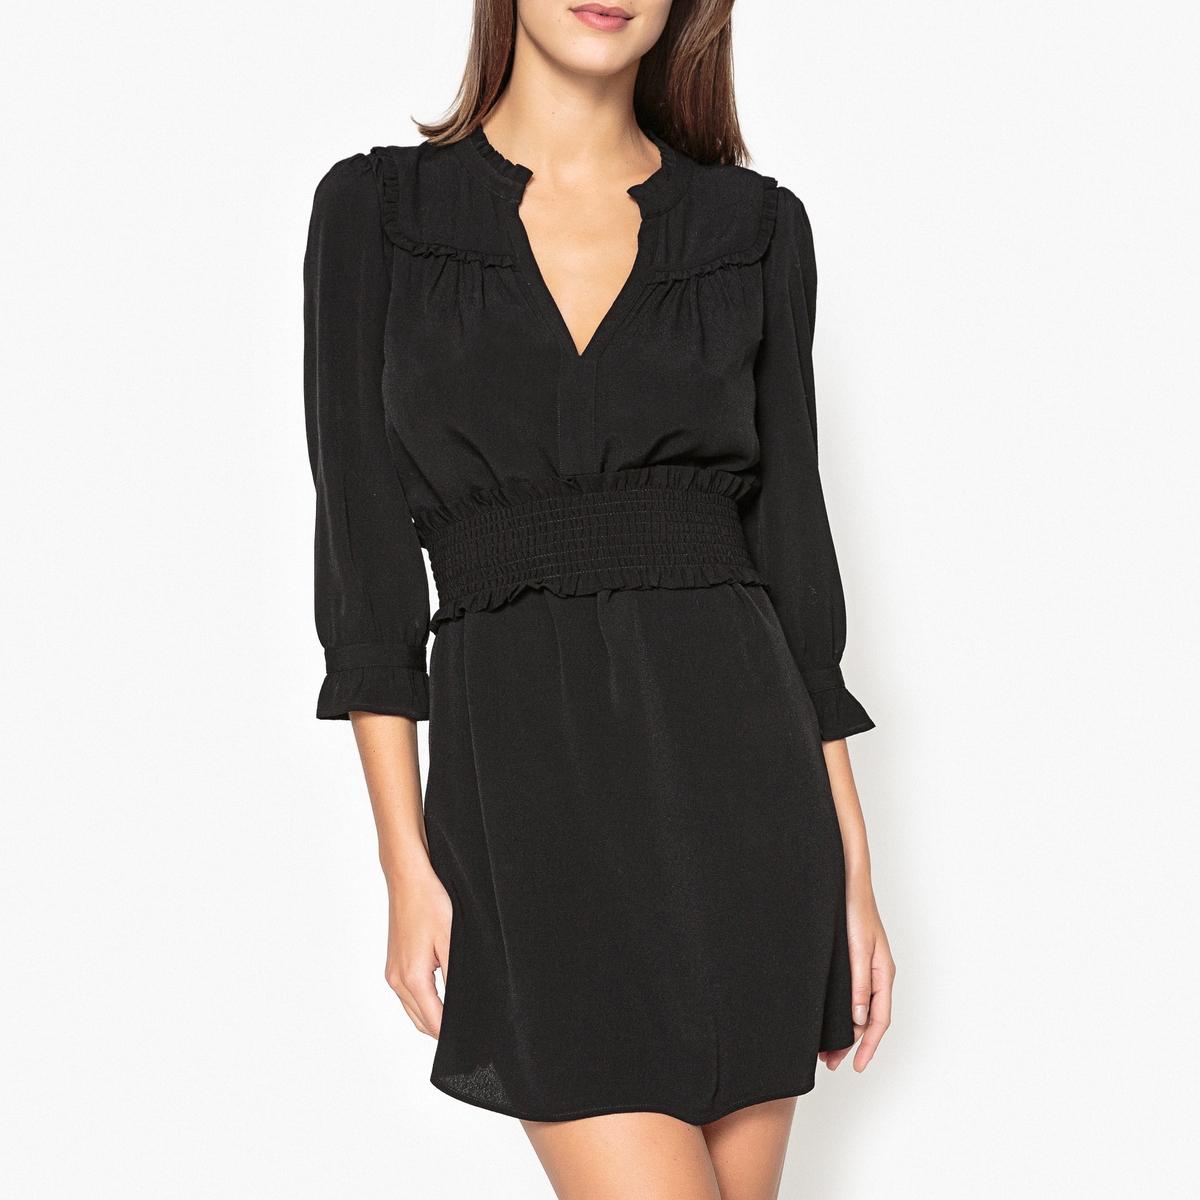 Платье с длинными рукавами TRACKОписание:Платье с длинными рукавами BA&amp;SH - модель TRACK. Воланы на вырезе. Съемный пояс, широкая модель бандо со сборками. Манжеты с воланами и застежкой на пуговицы.Детали •  Форма : расклешенная •  Укороченная модель •  Длинные рукава    •   V-образный вырезСостав и уход •  100% вискоза •  Следуйте советам по уходу, указанным на этикетке •  Длина : ок. 88 см. для размера 36<br><br>Цвет: красный,черный